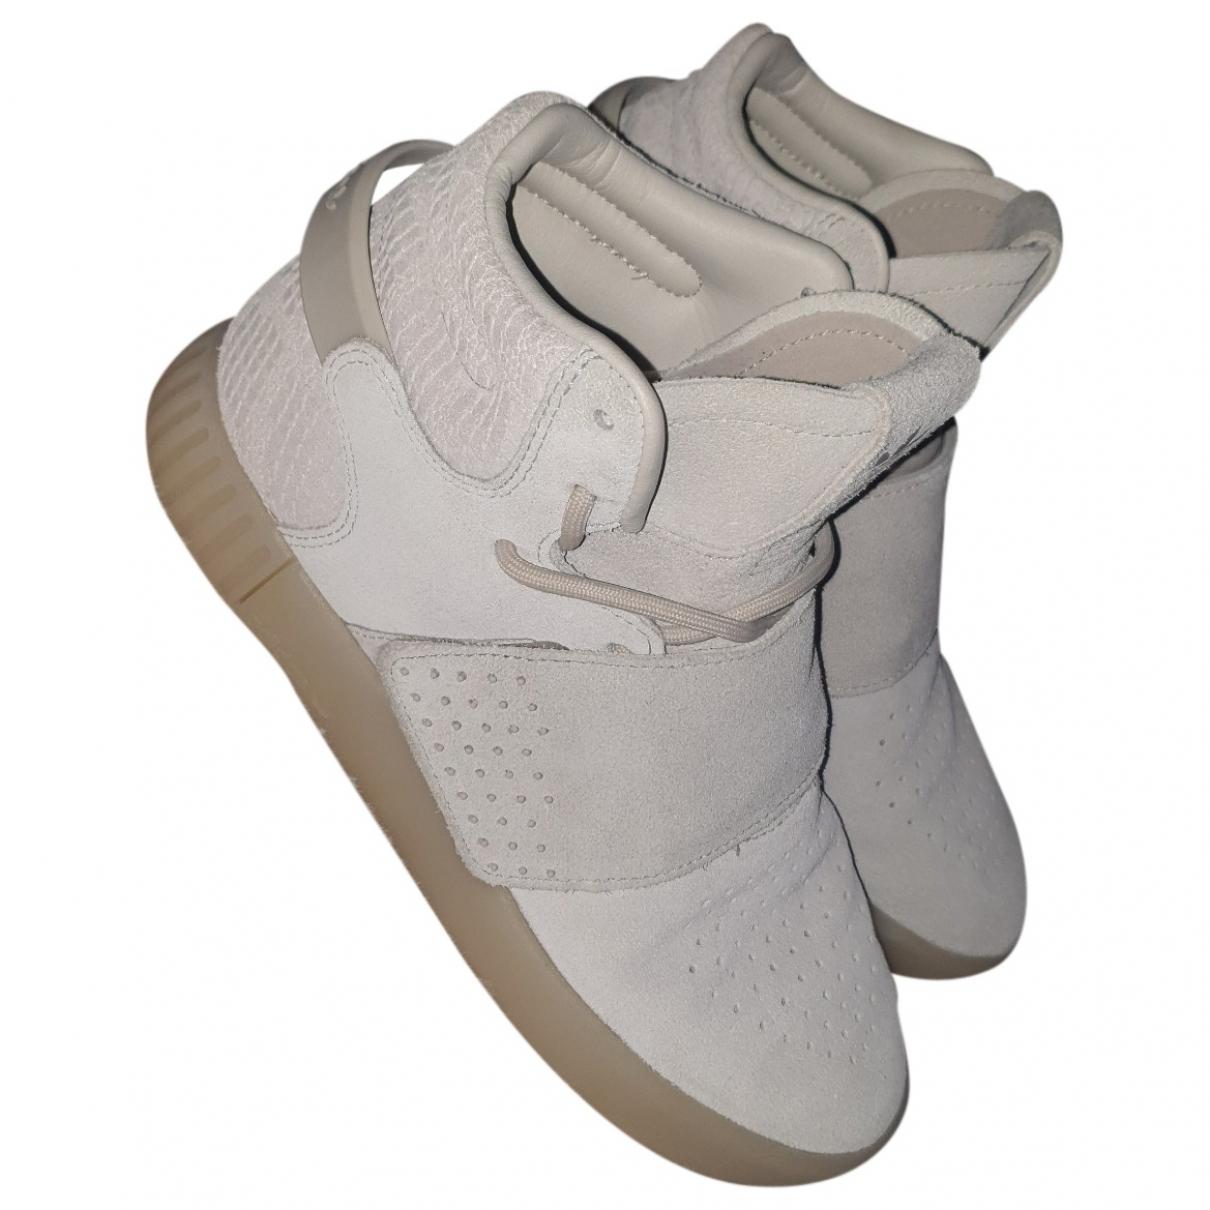 Adidas - Baskets Tubular pour femme en cuir - blanc